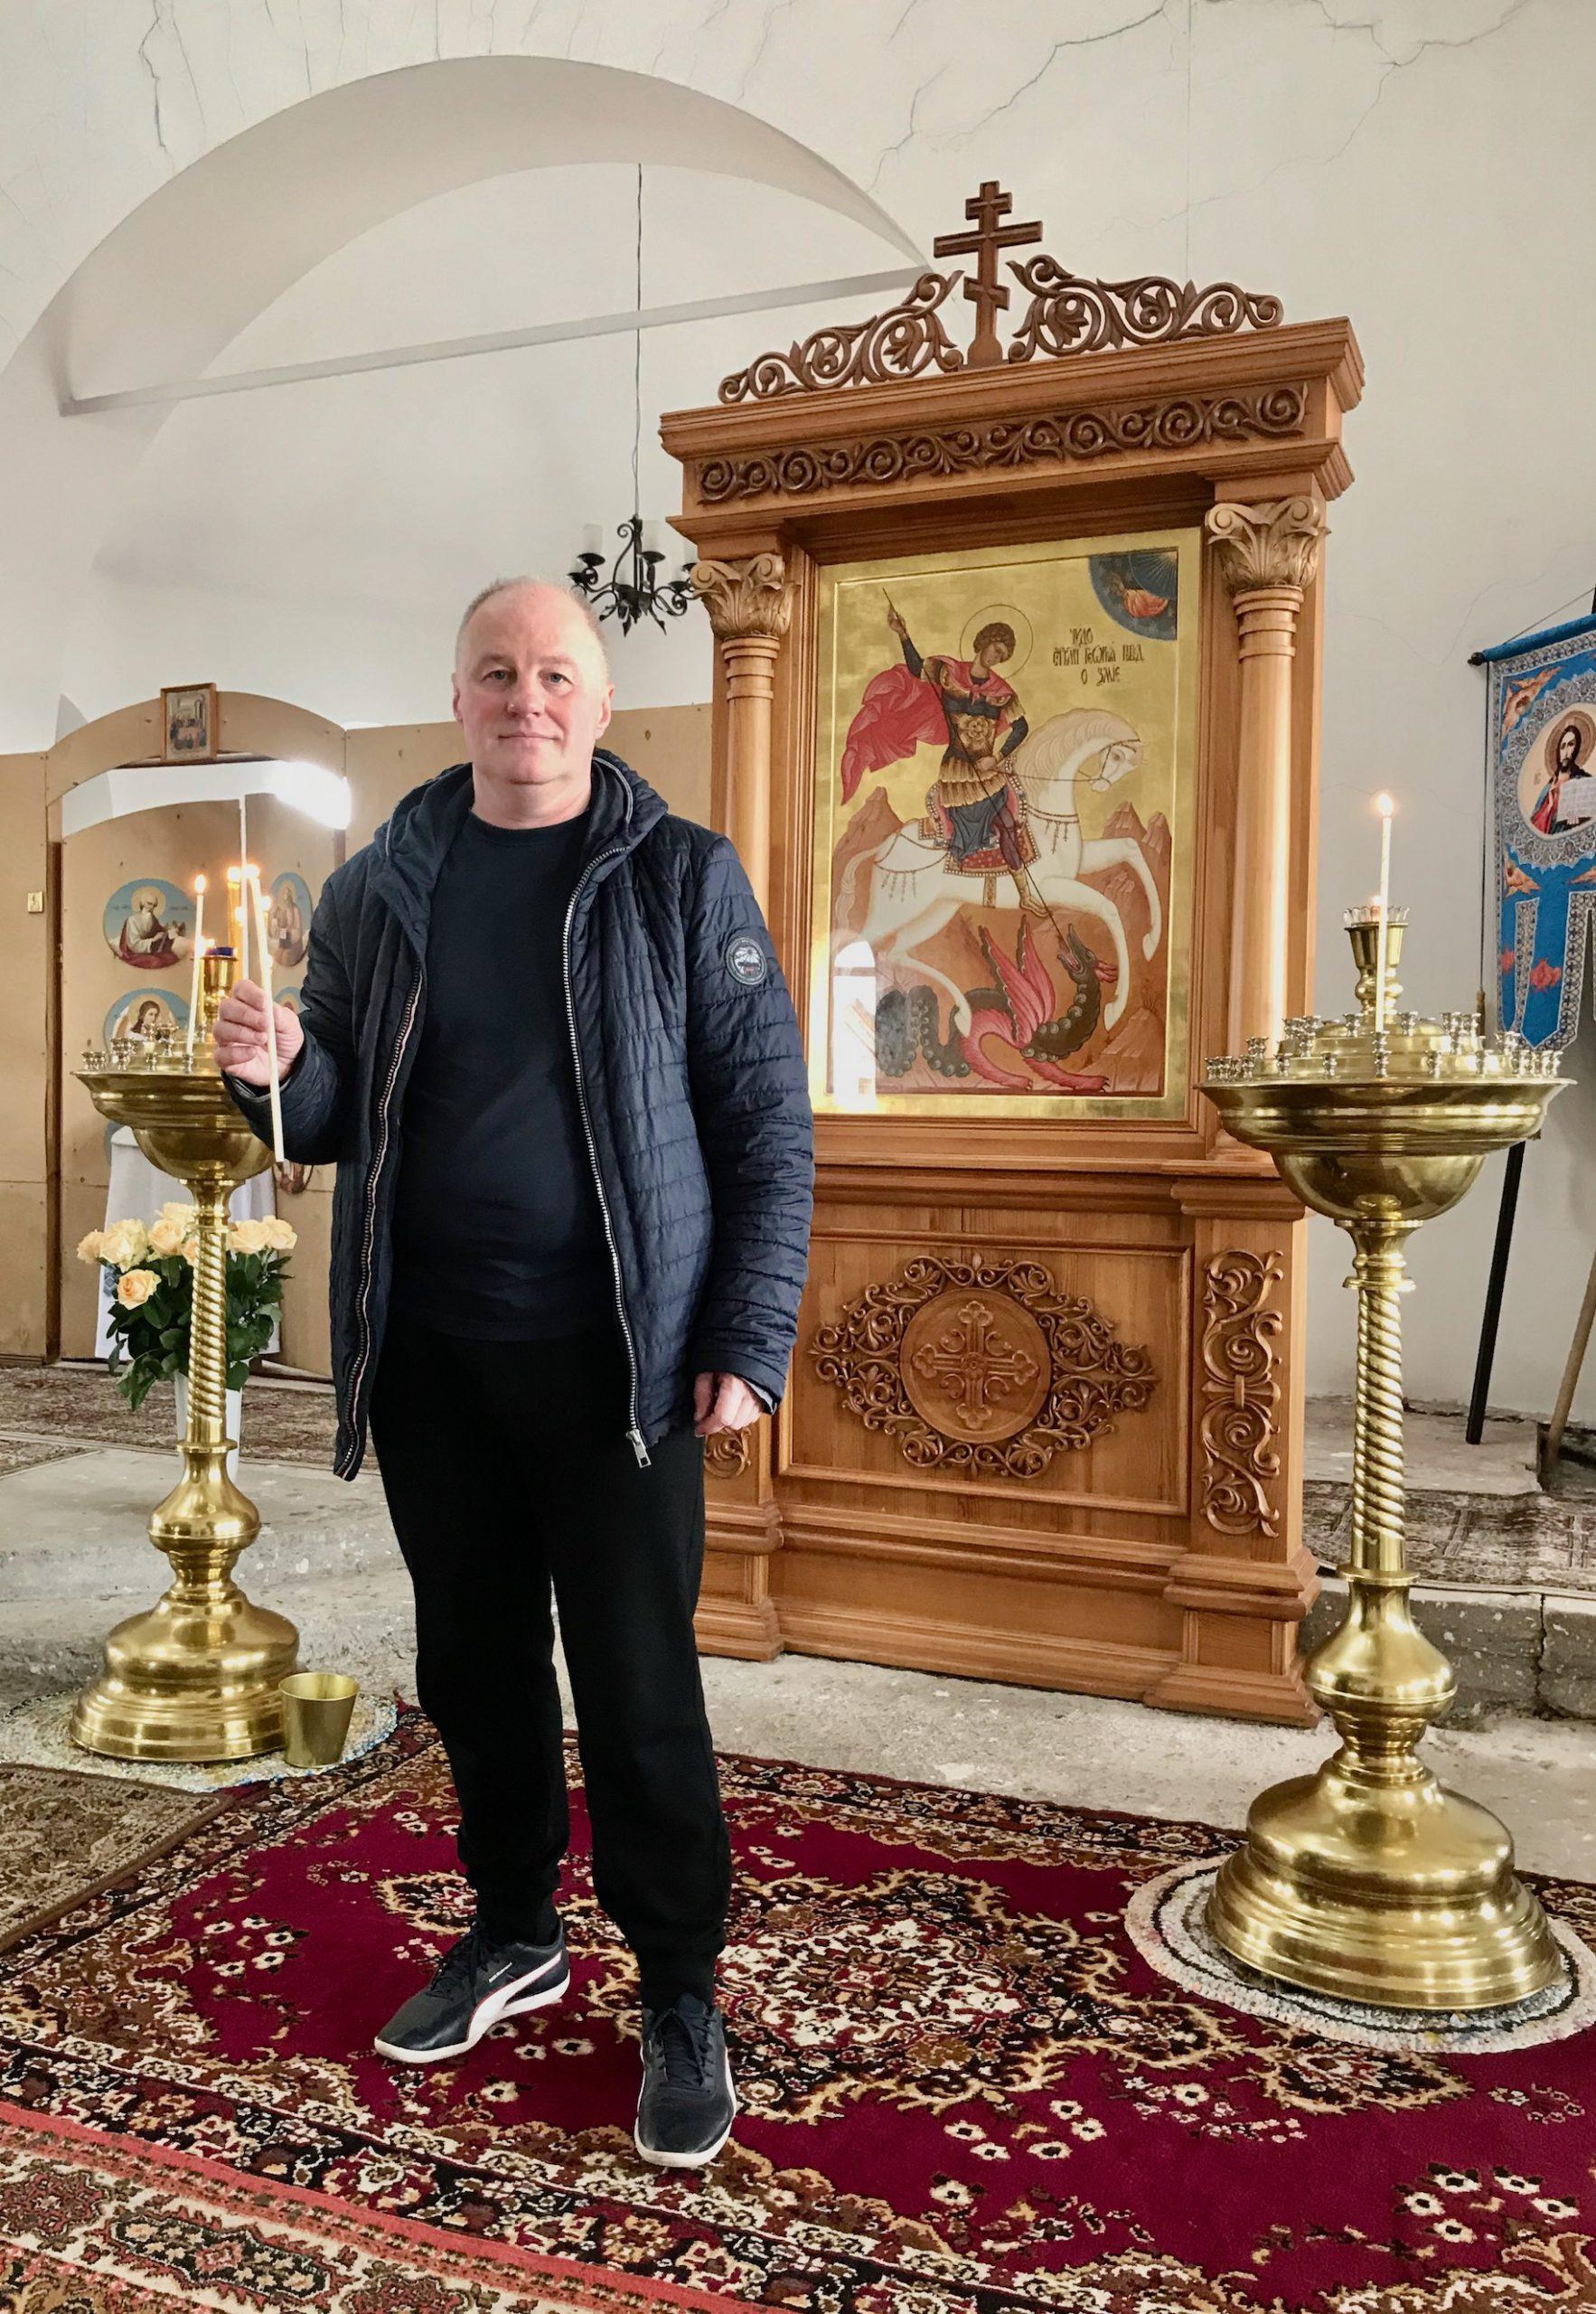 Поздравляю верующих с праздником светлой Пасхи! Скромный адвокат из Екатеринбурга.